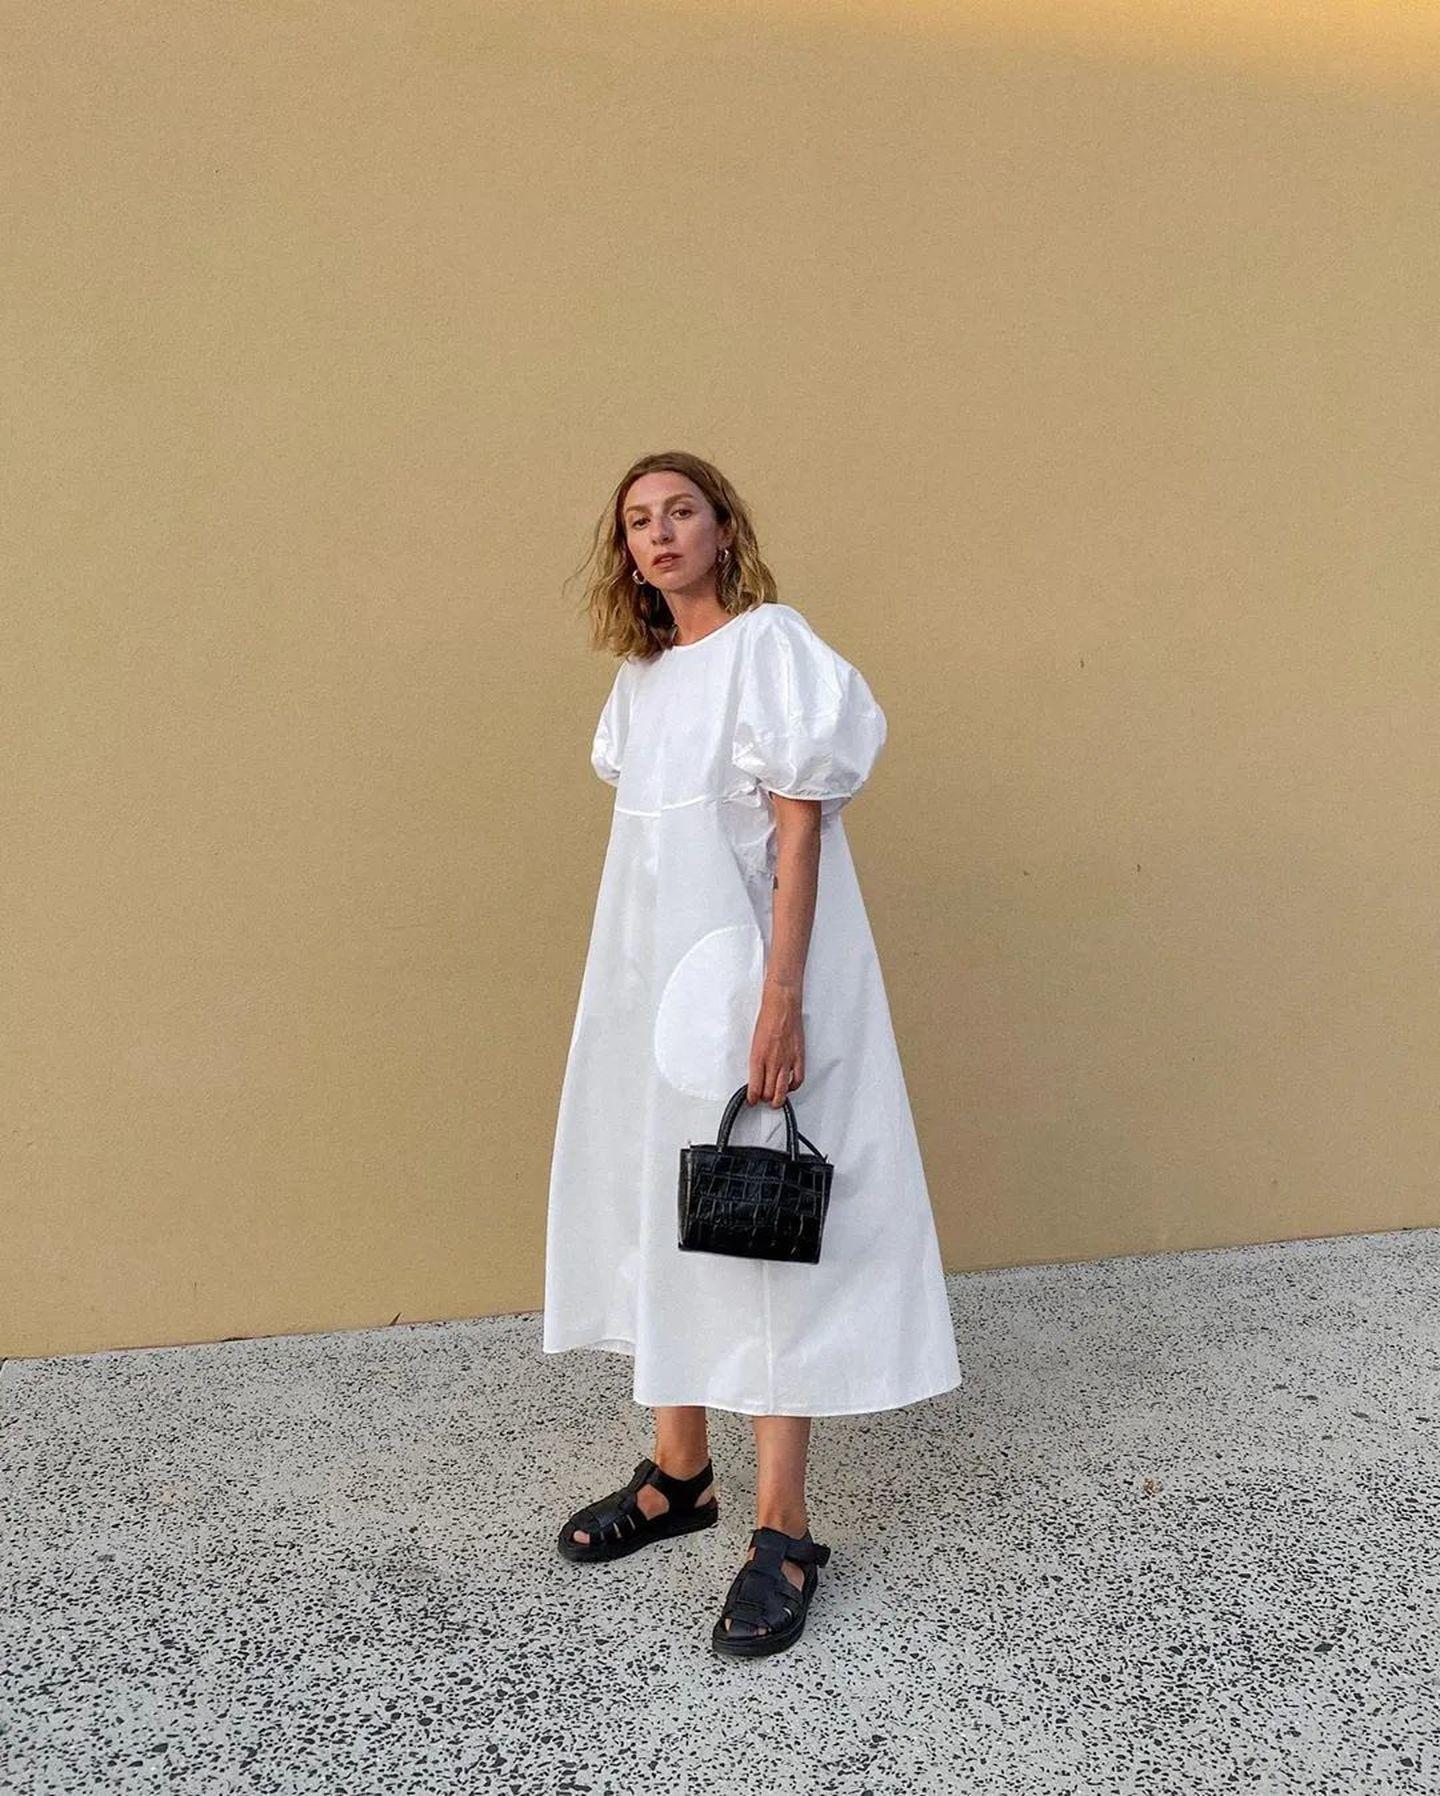 đầm babydoll màu trắng và giày đen